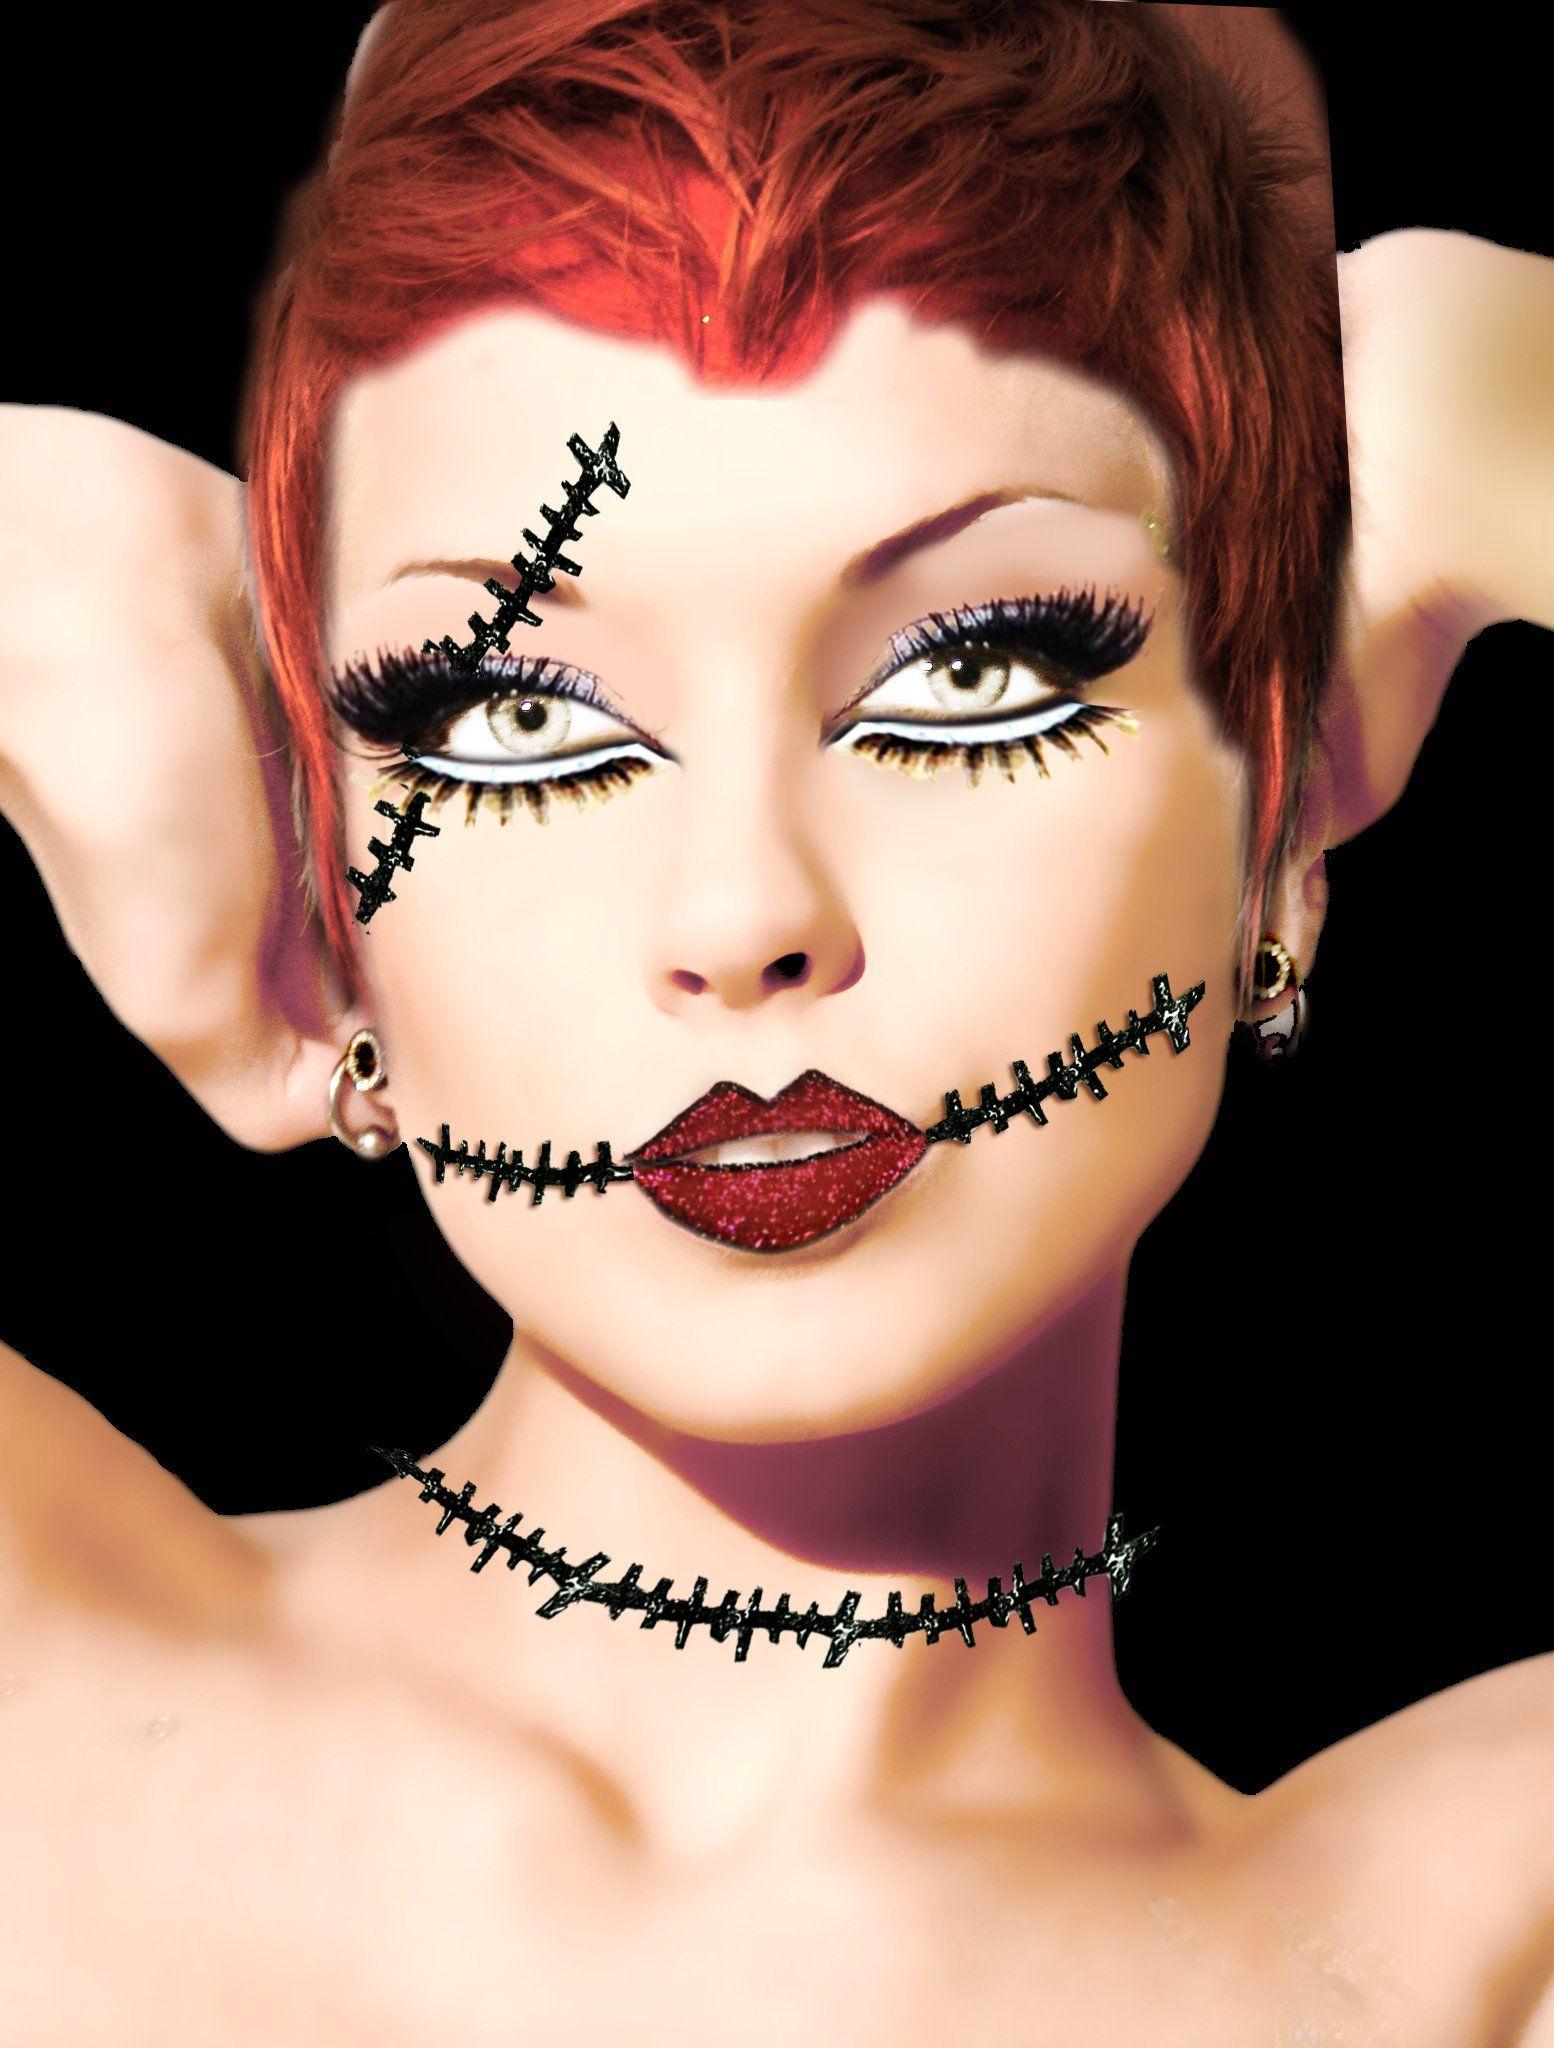 Xotic Eyes Corpse Lips and Scar SelfAdhesive Makeup